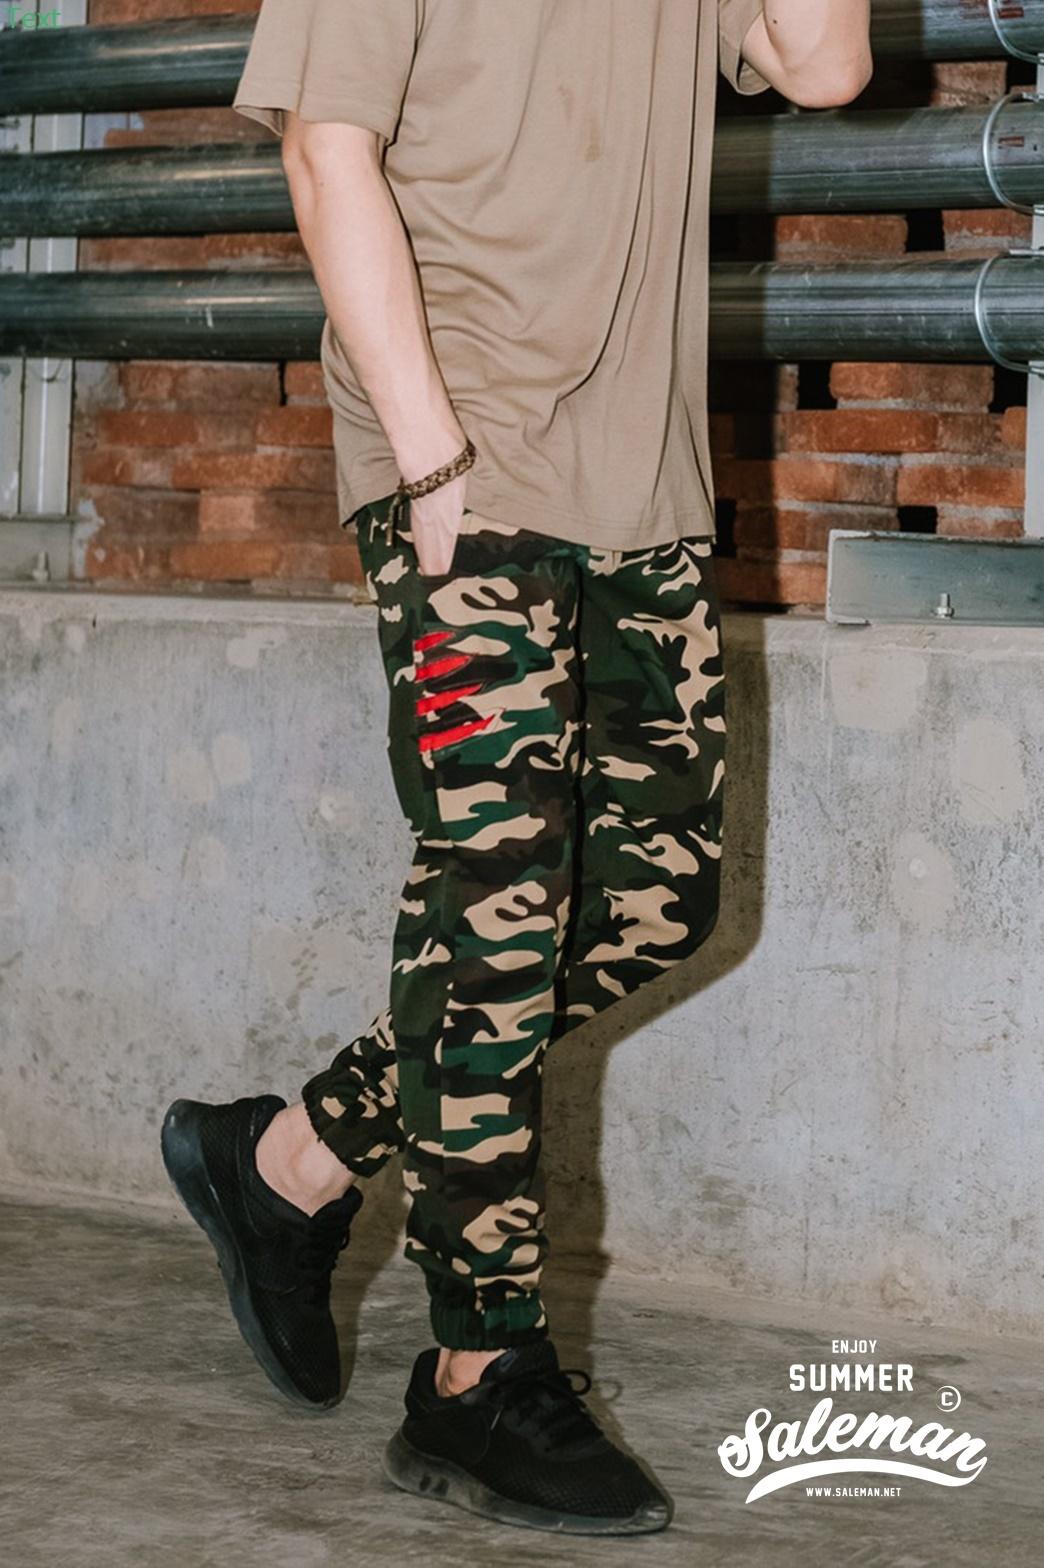 กางเกงขายาว พรีเมี่ยม ผ้า COTTON รหัส WT680 CLAW PANT สีทหารเขียว เล็บเสือดำ